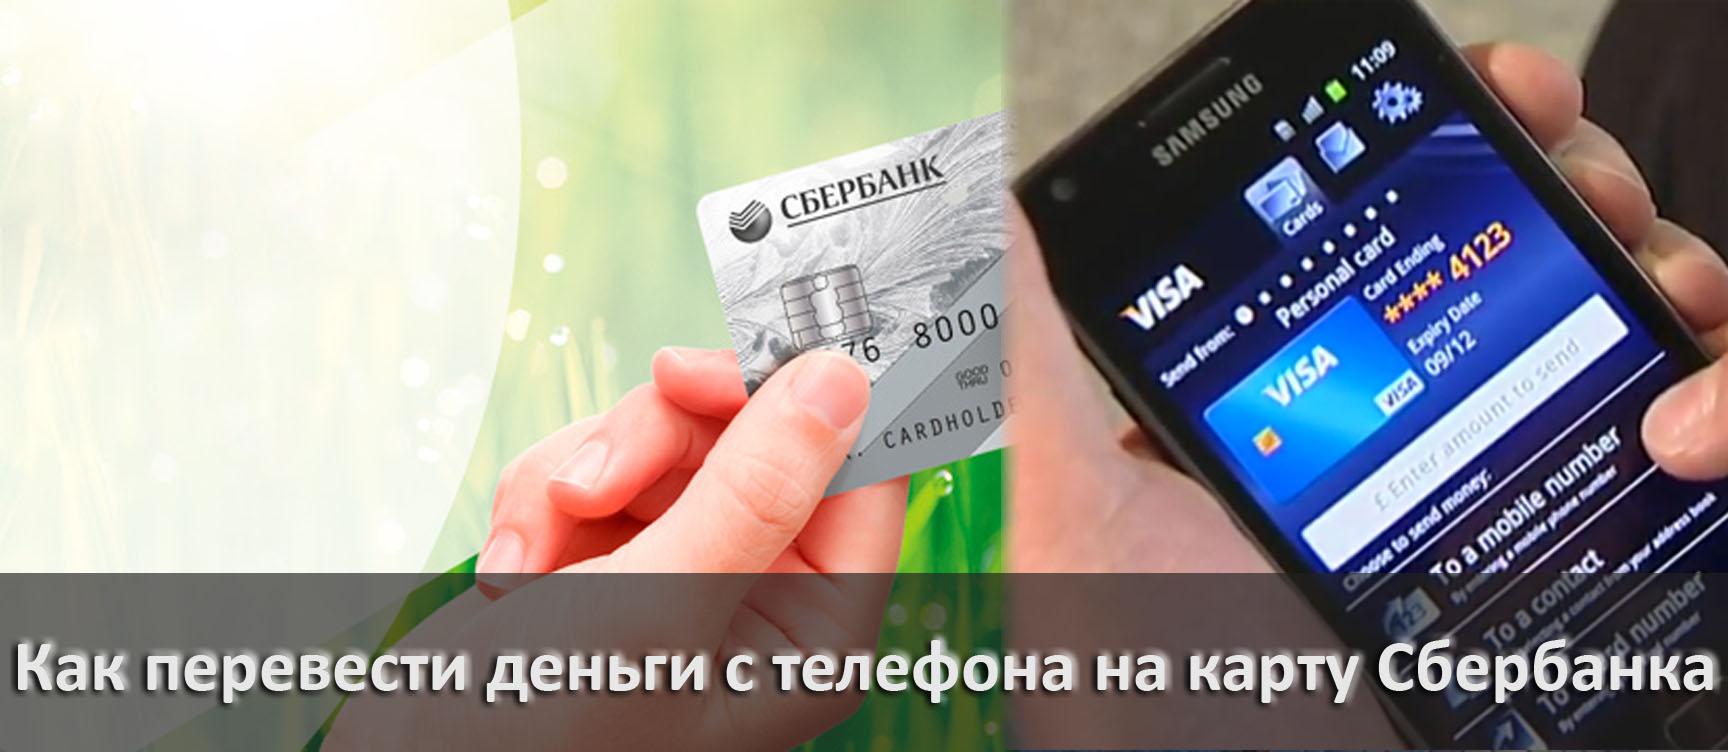 Как перевести деньги с телефона на карту Cбербанка копия